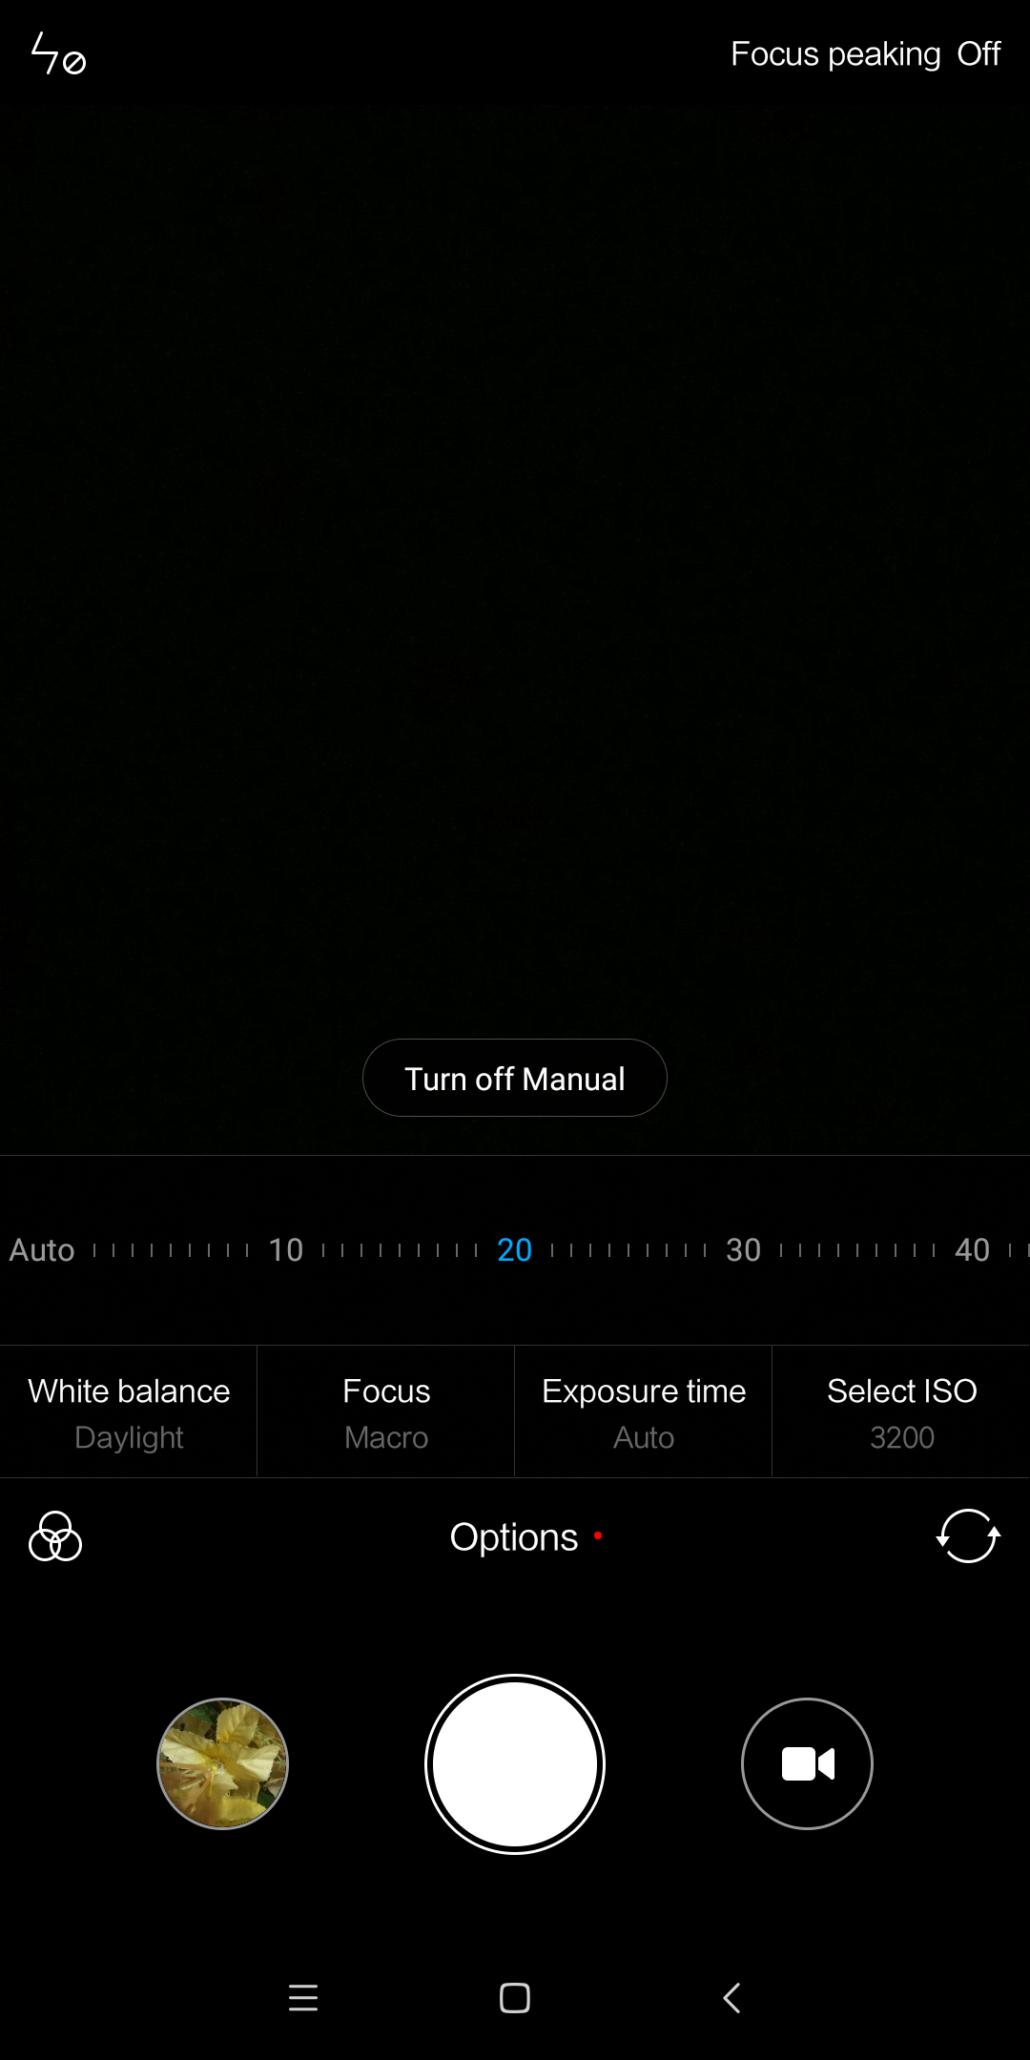 screenshot_2018-01-30-17-34-35-933_com-android-camera